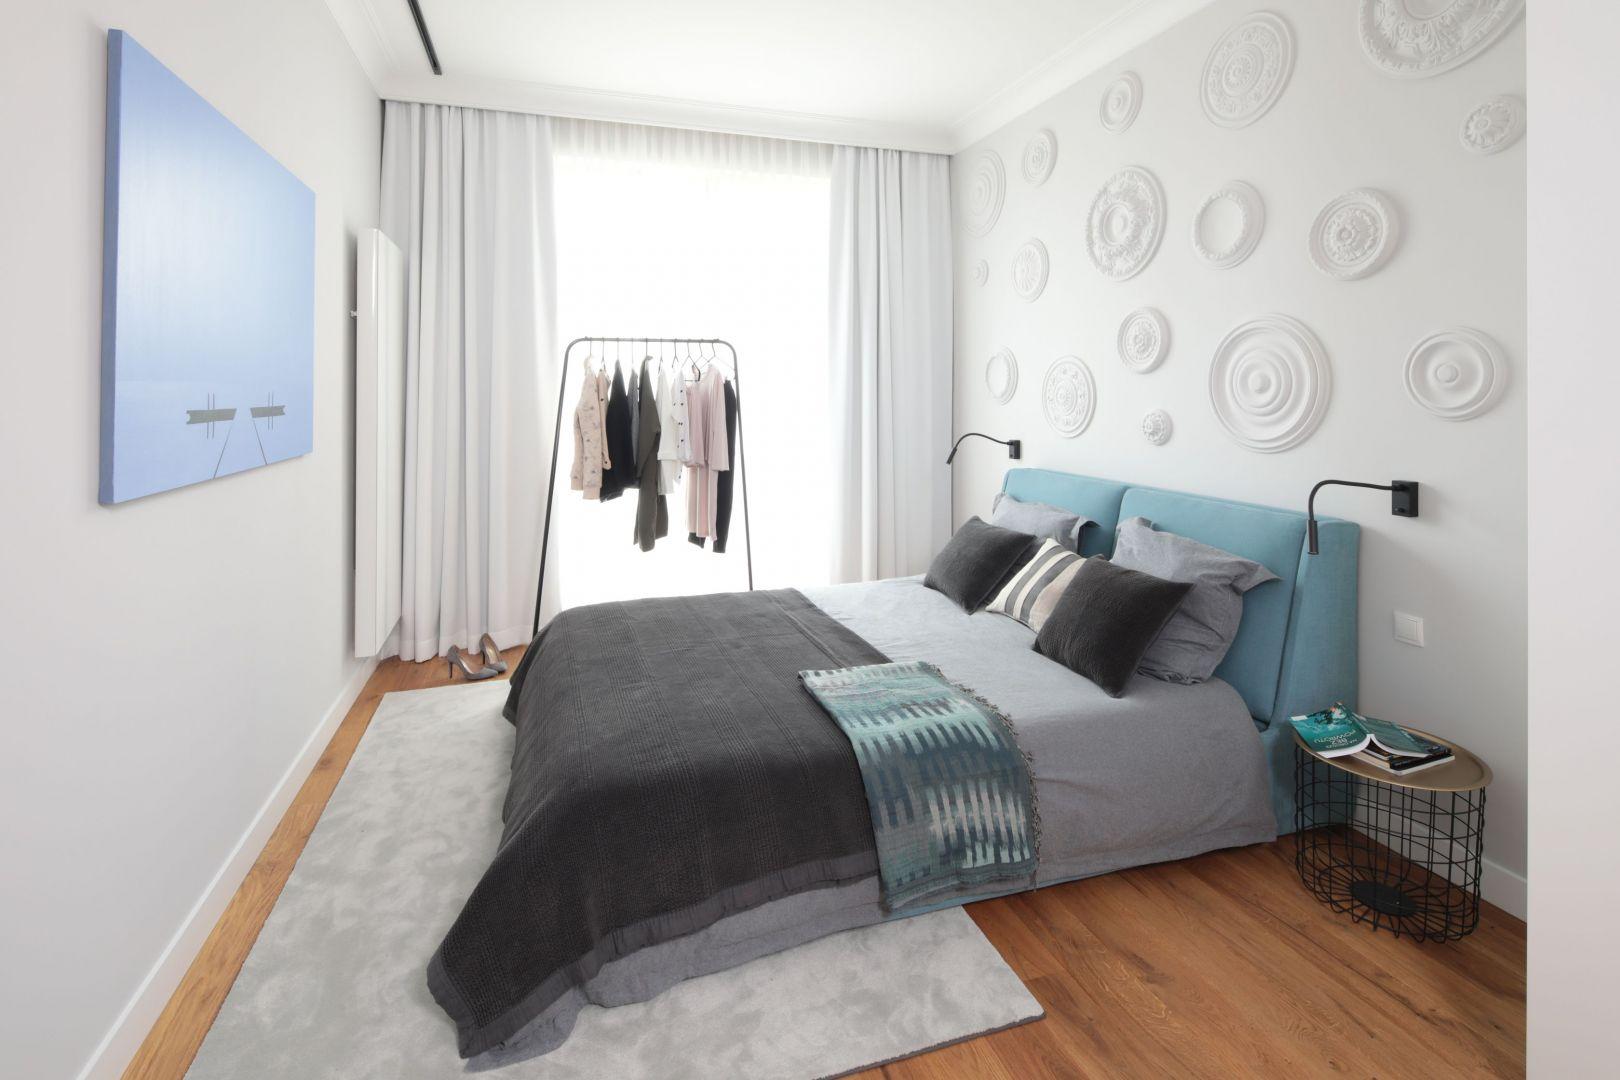 Oryginalne sztukaterie zdobiące ścianę nad łóżkiem są bardzo ładnym elementem dekoracyjnym w sypialni. Projekt: Katarzyna Mikulska-Sękalska. Fot. Bartosz Jarosz